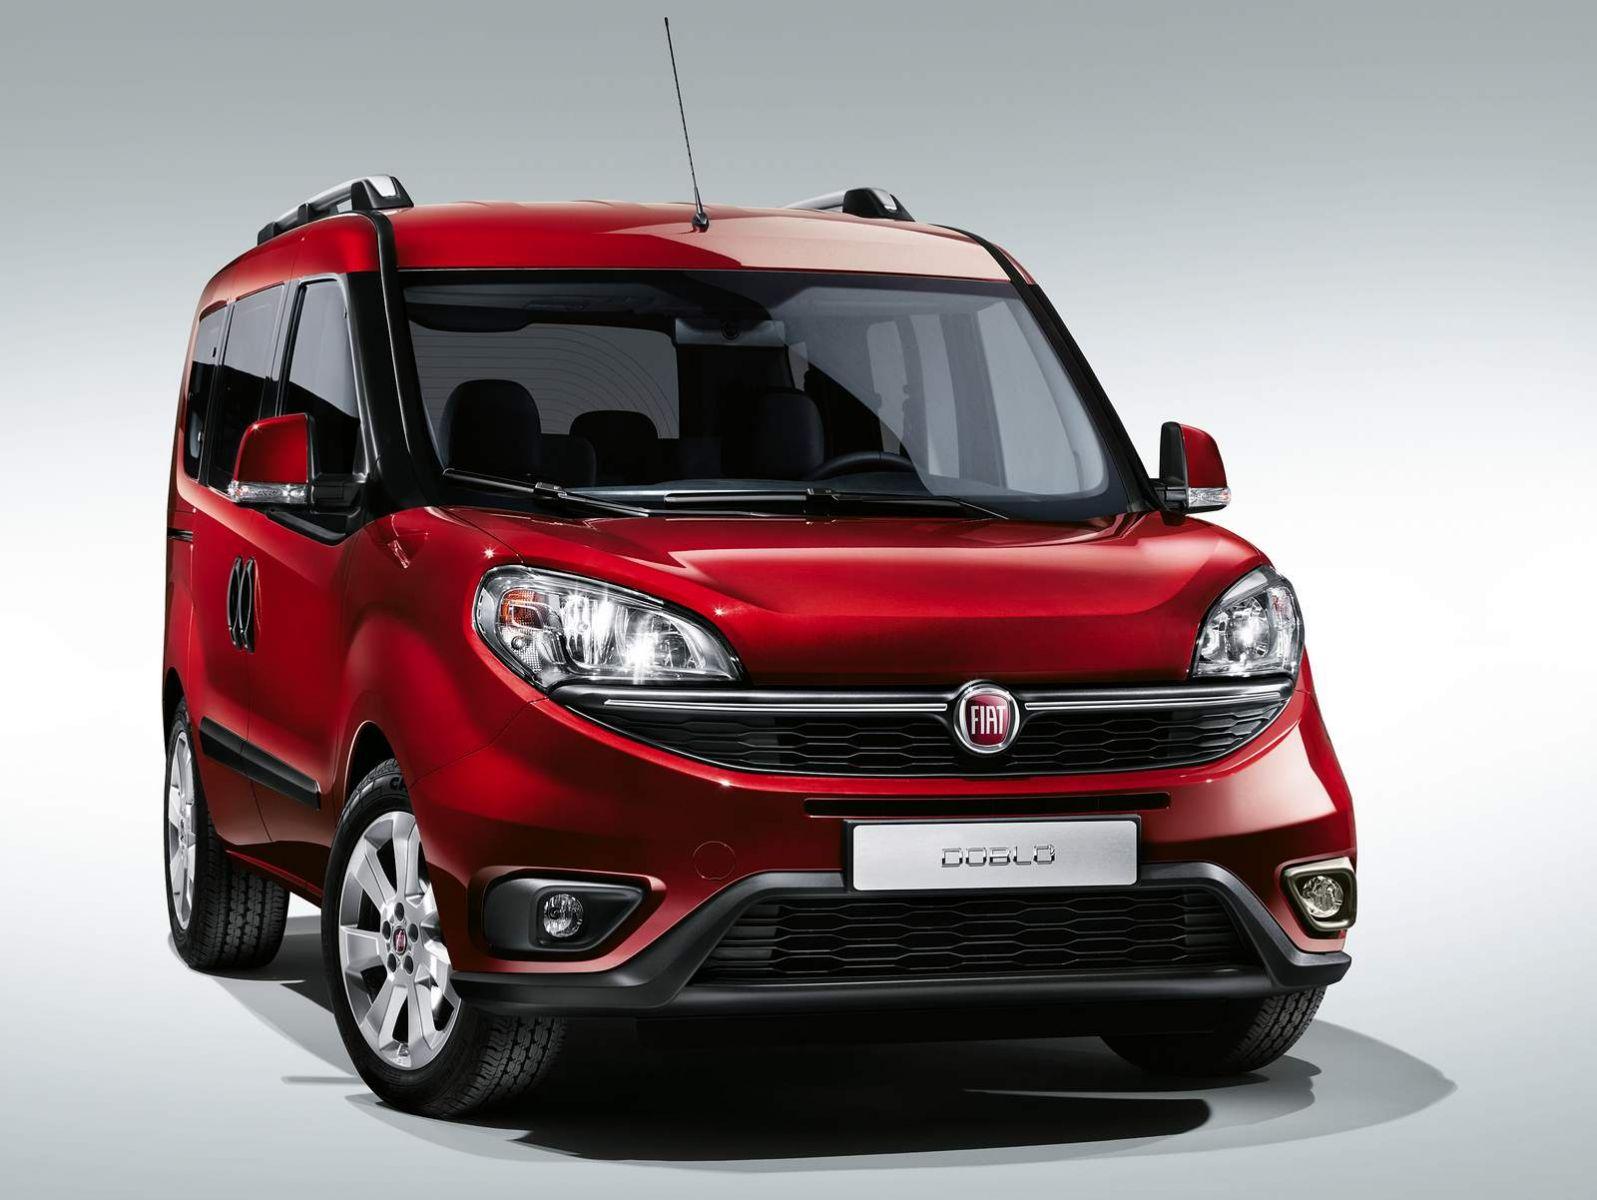 Fiat Doblo 2016